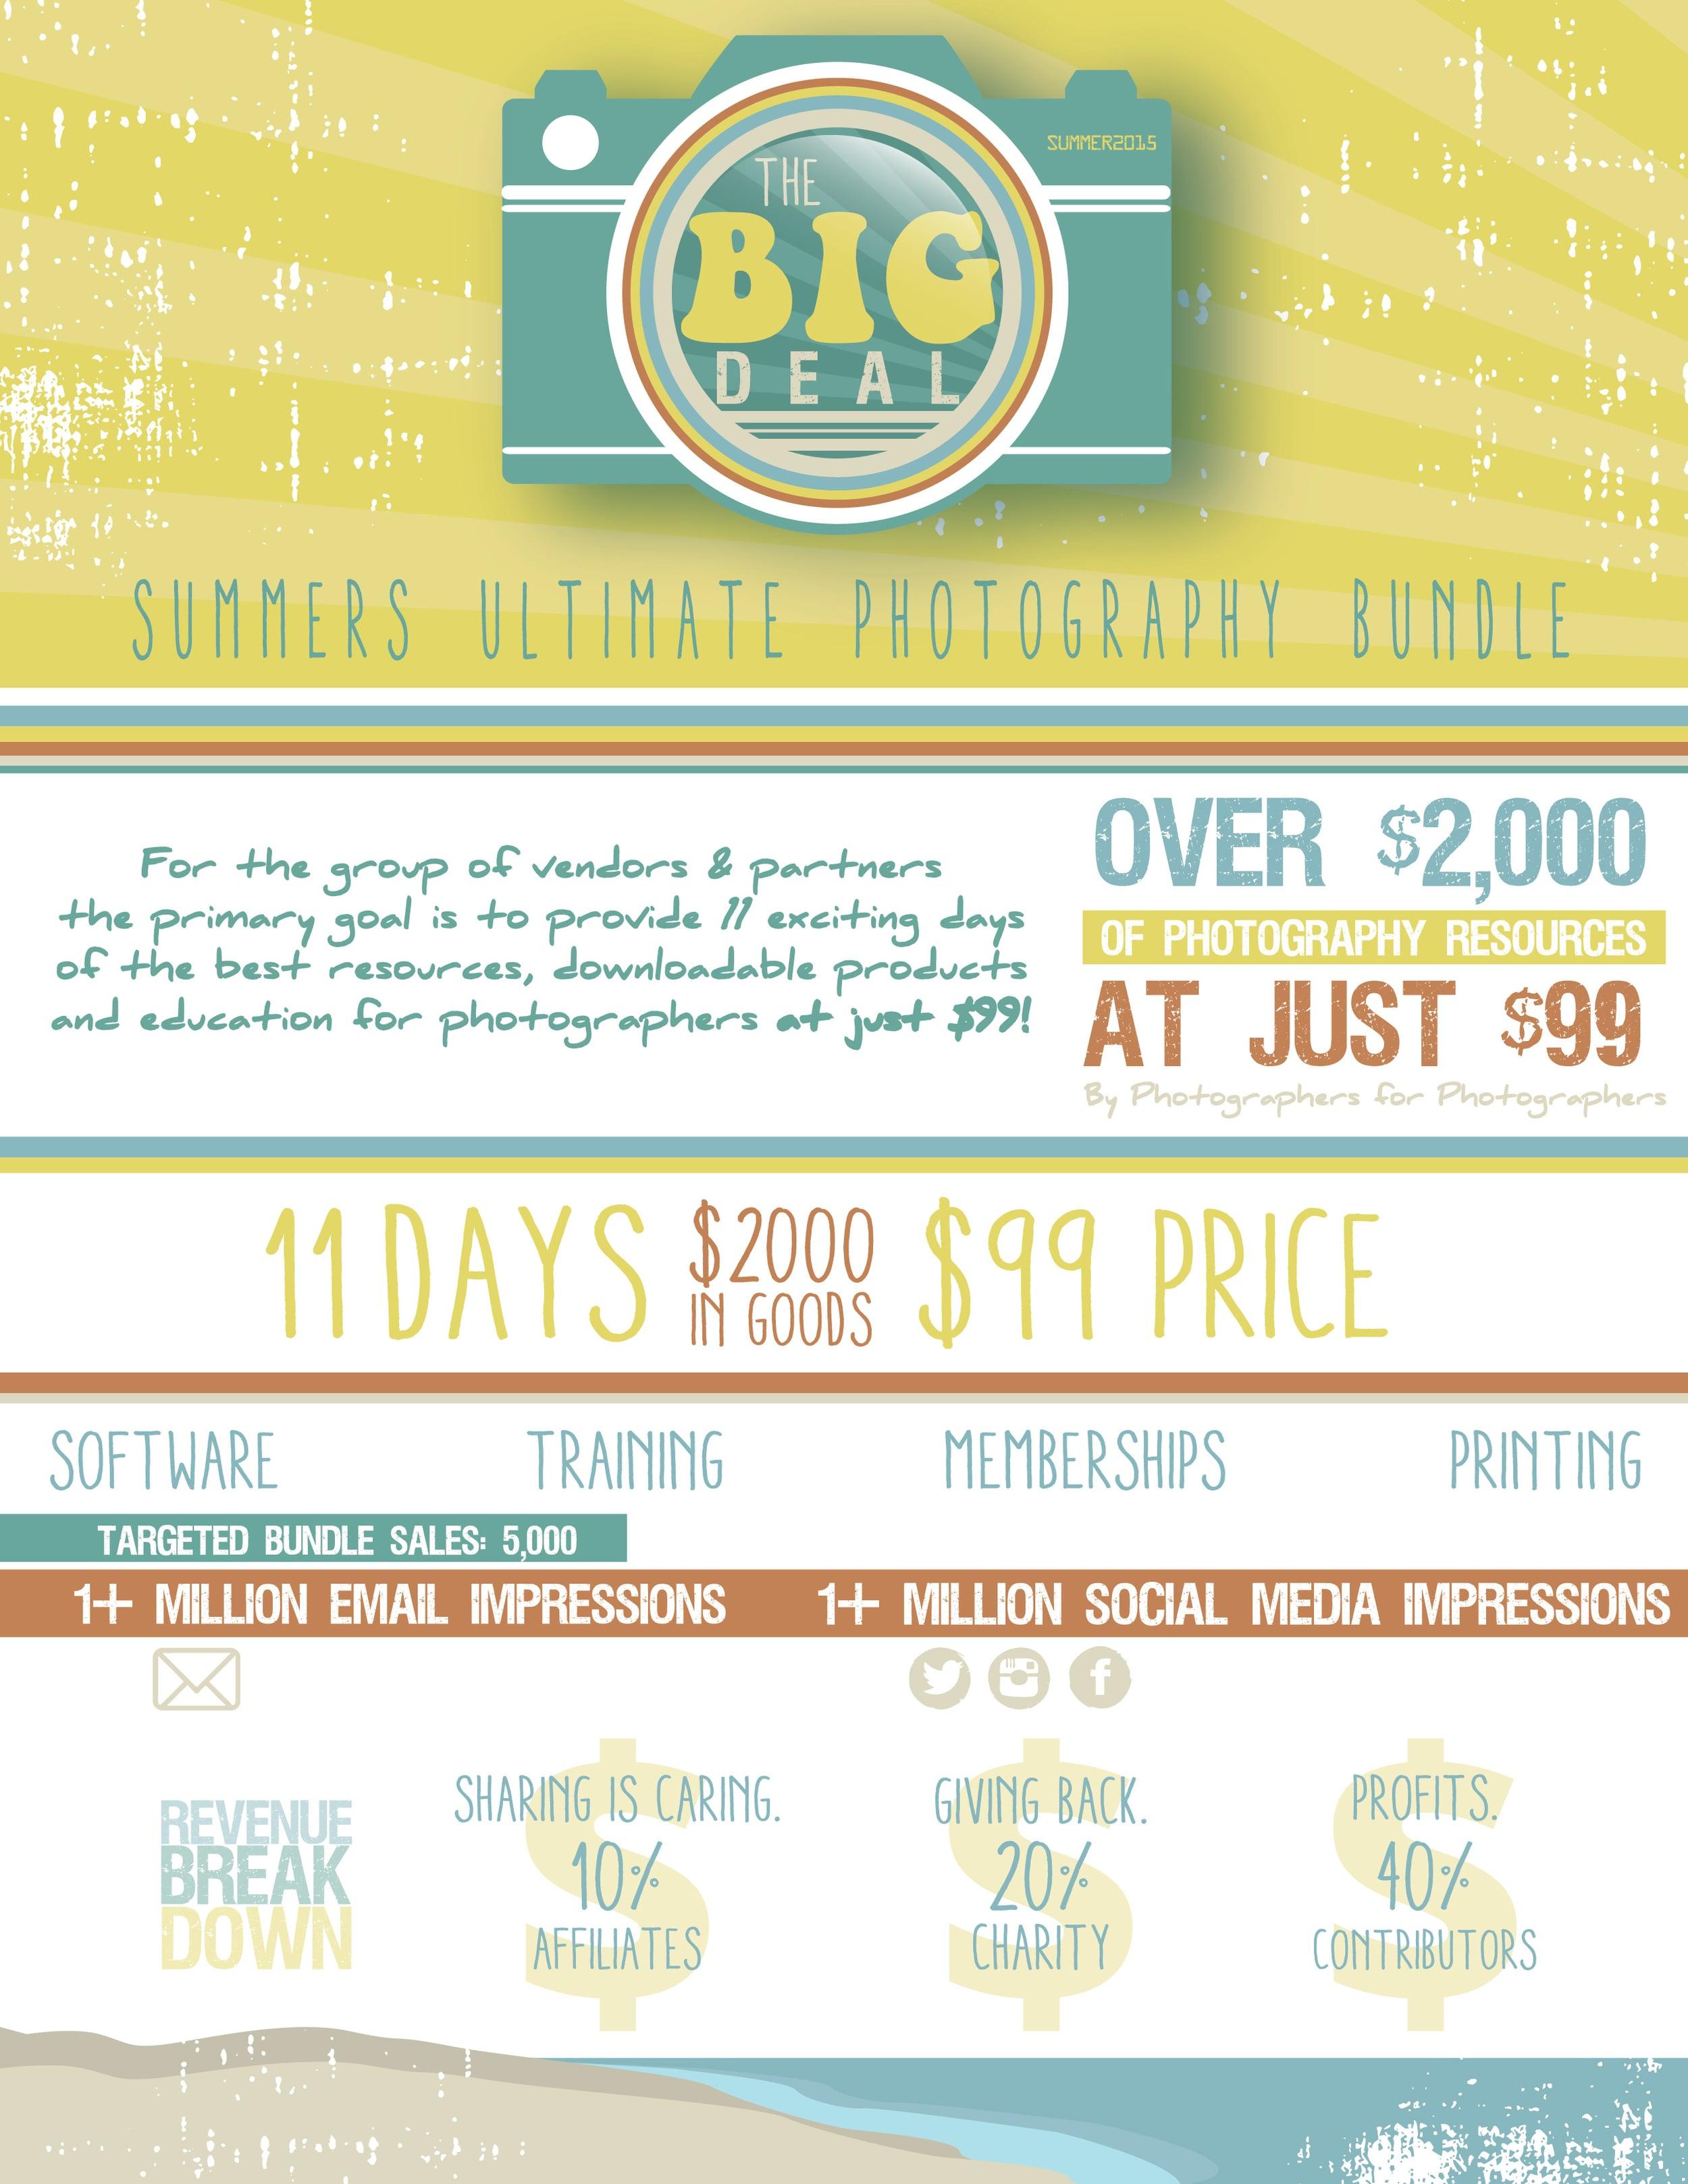 BIGdeal_info-01.jpg